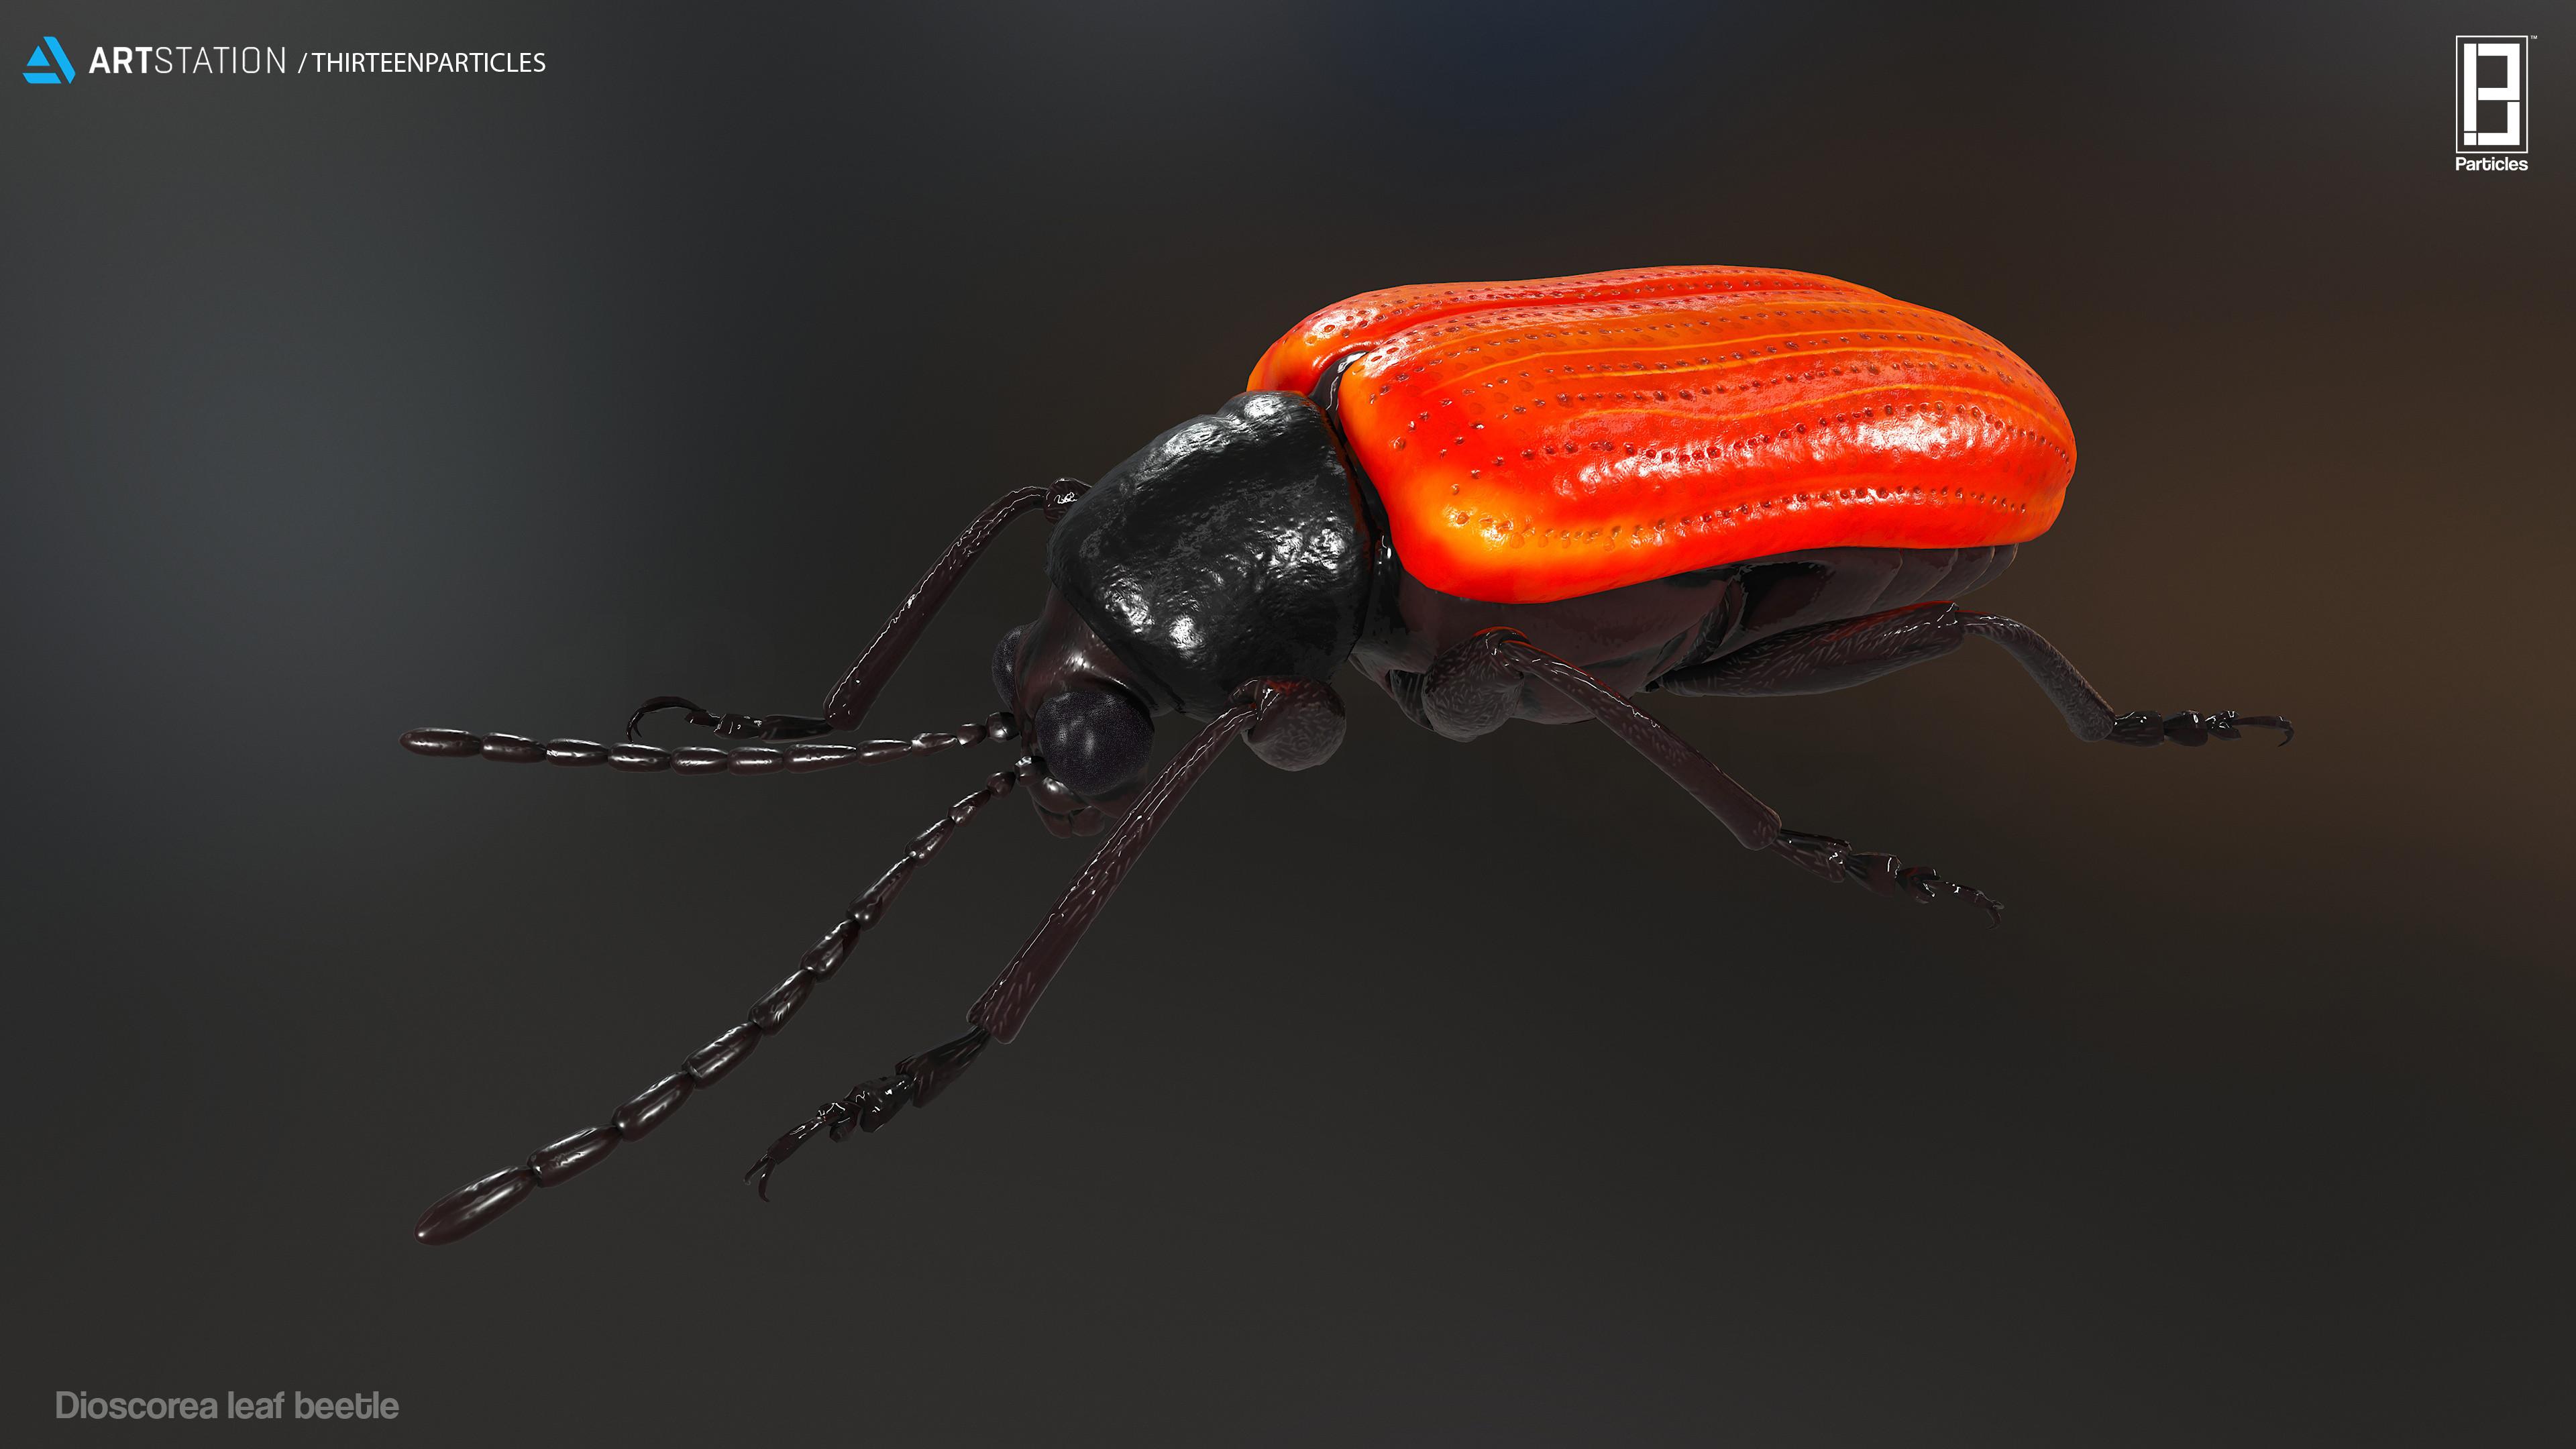 Dioscorea leaf beetle